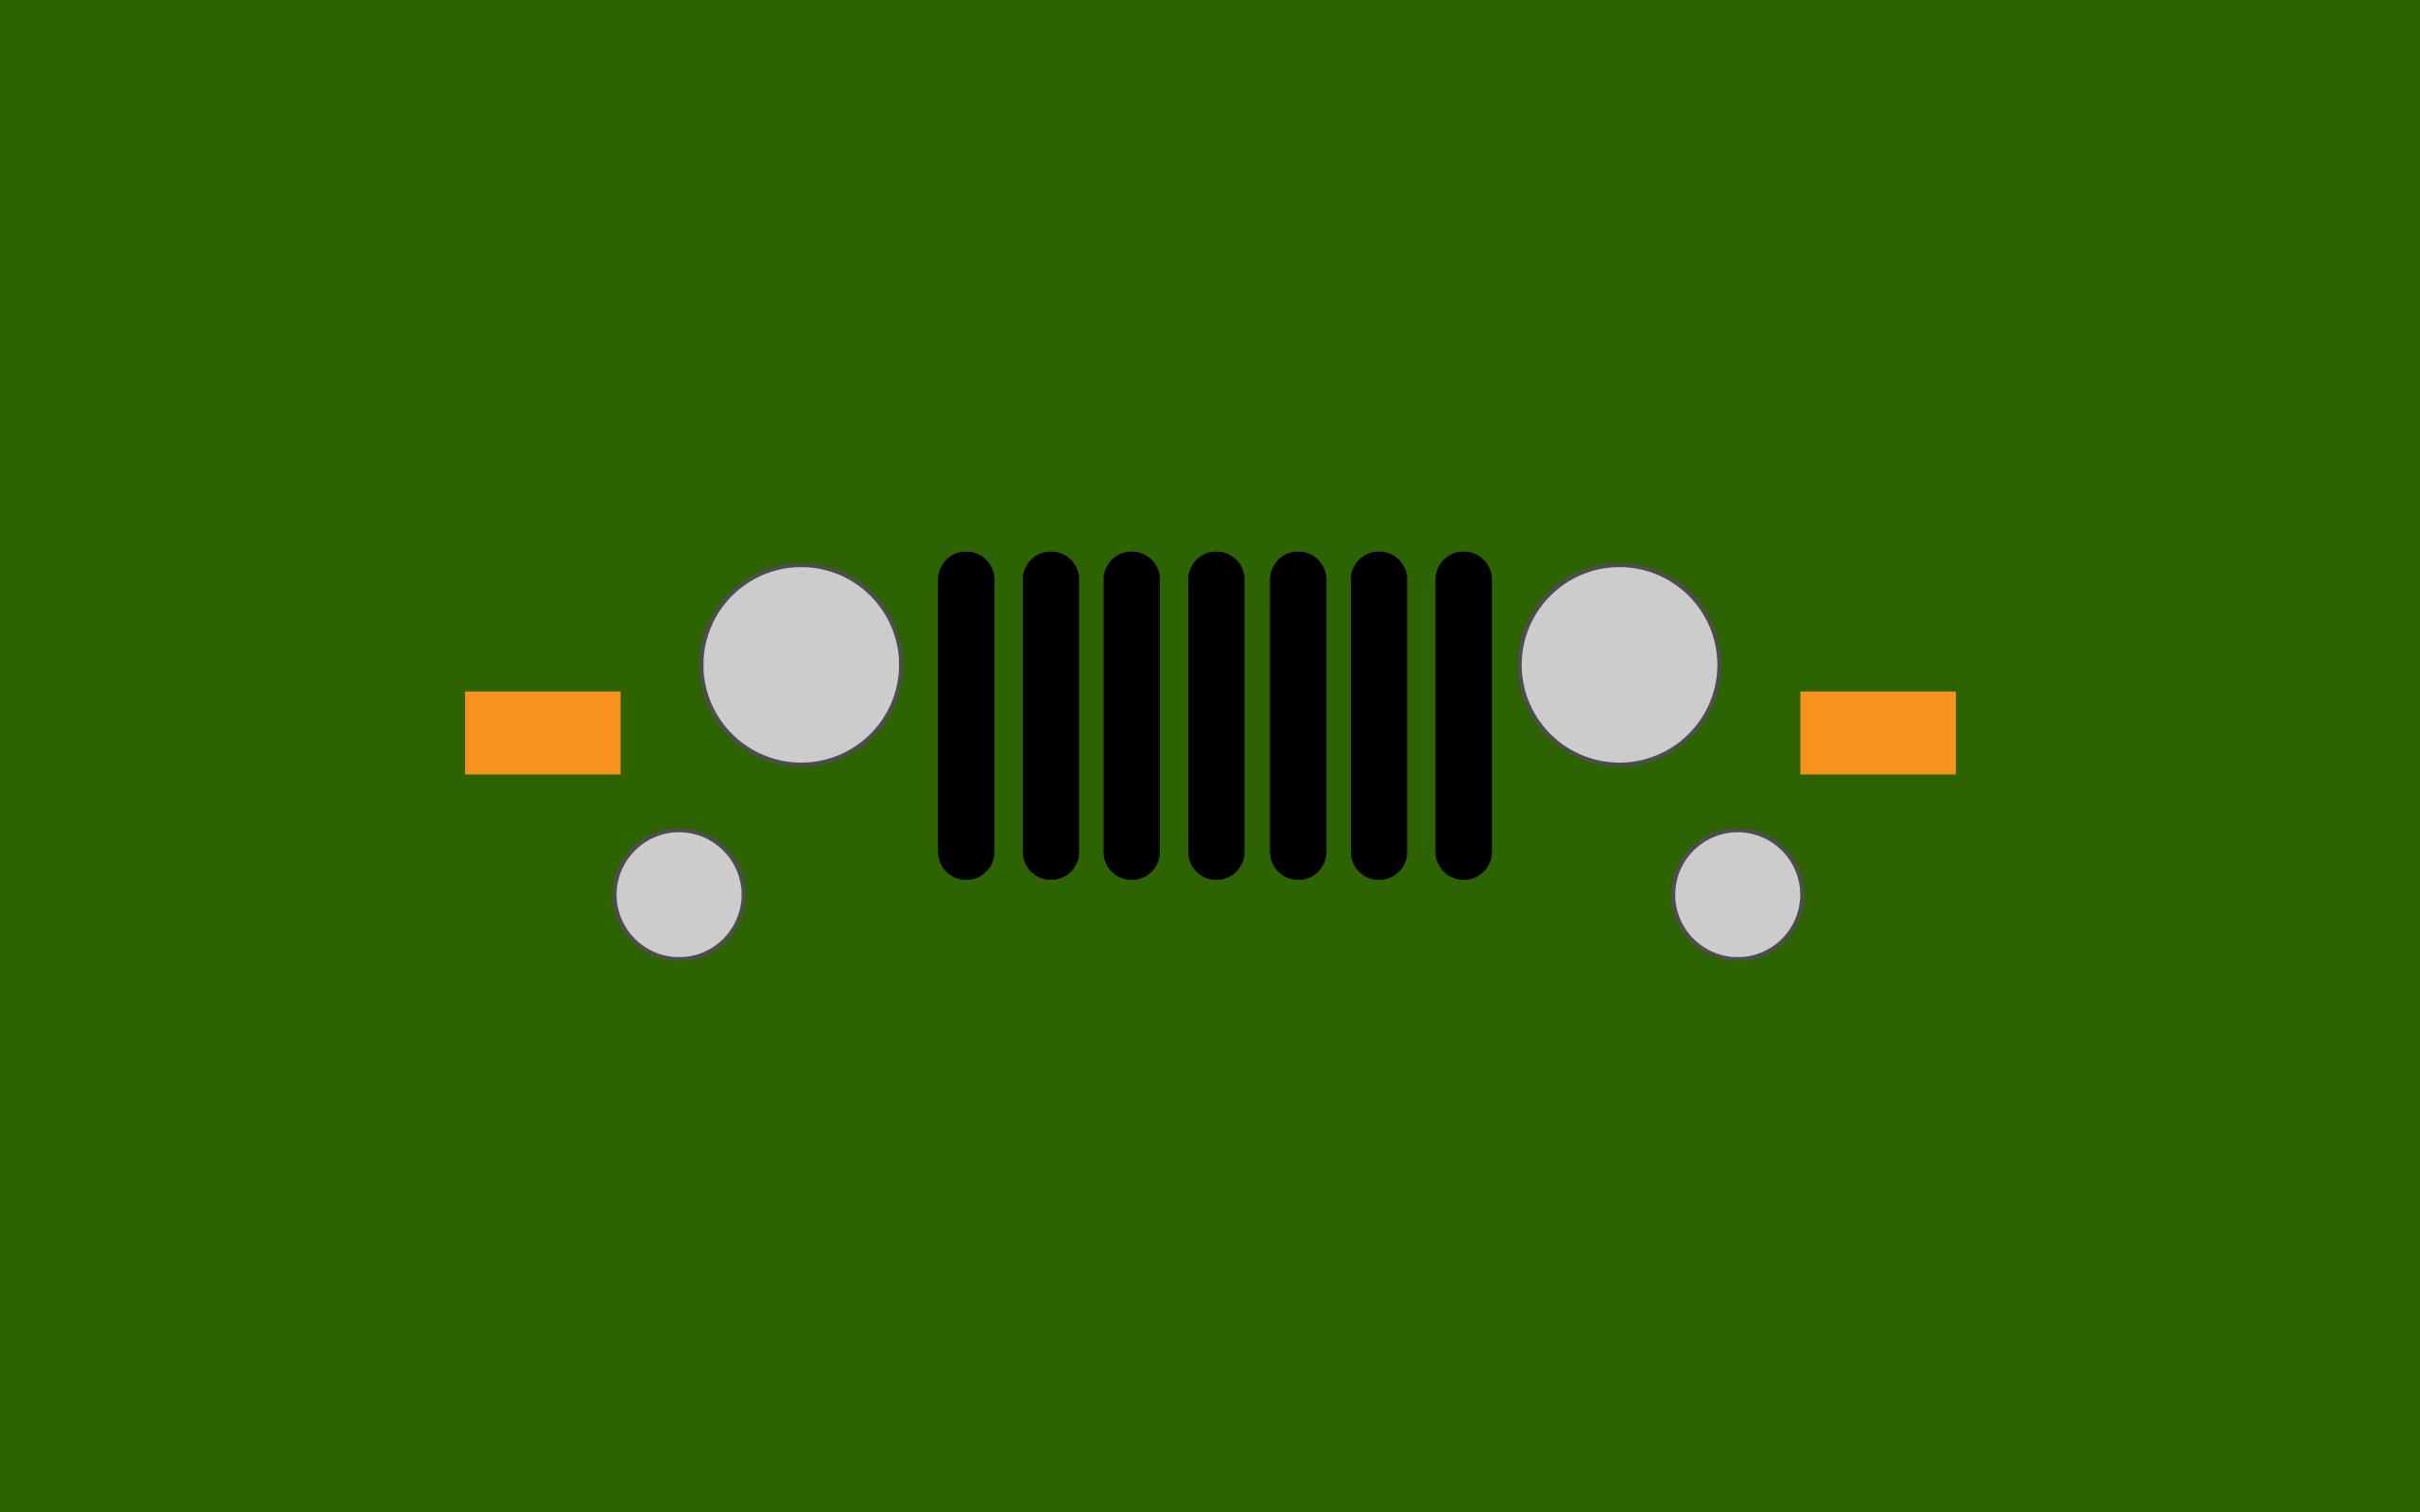 green jeep hd wallpaper 2431